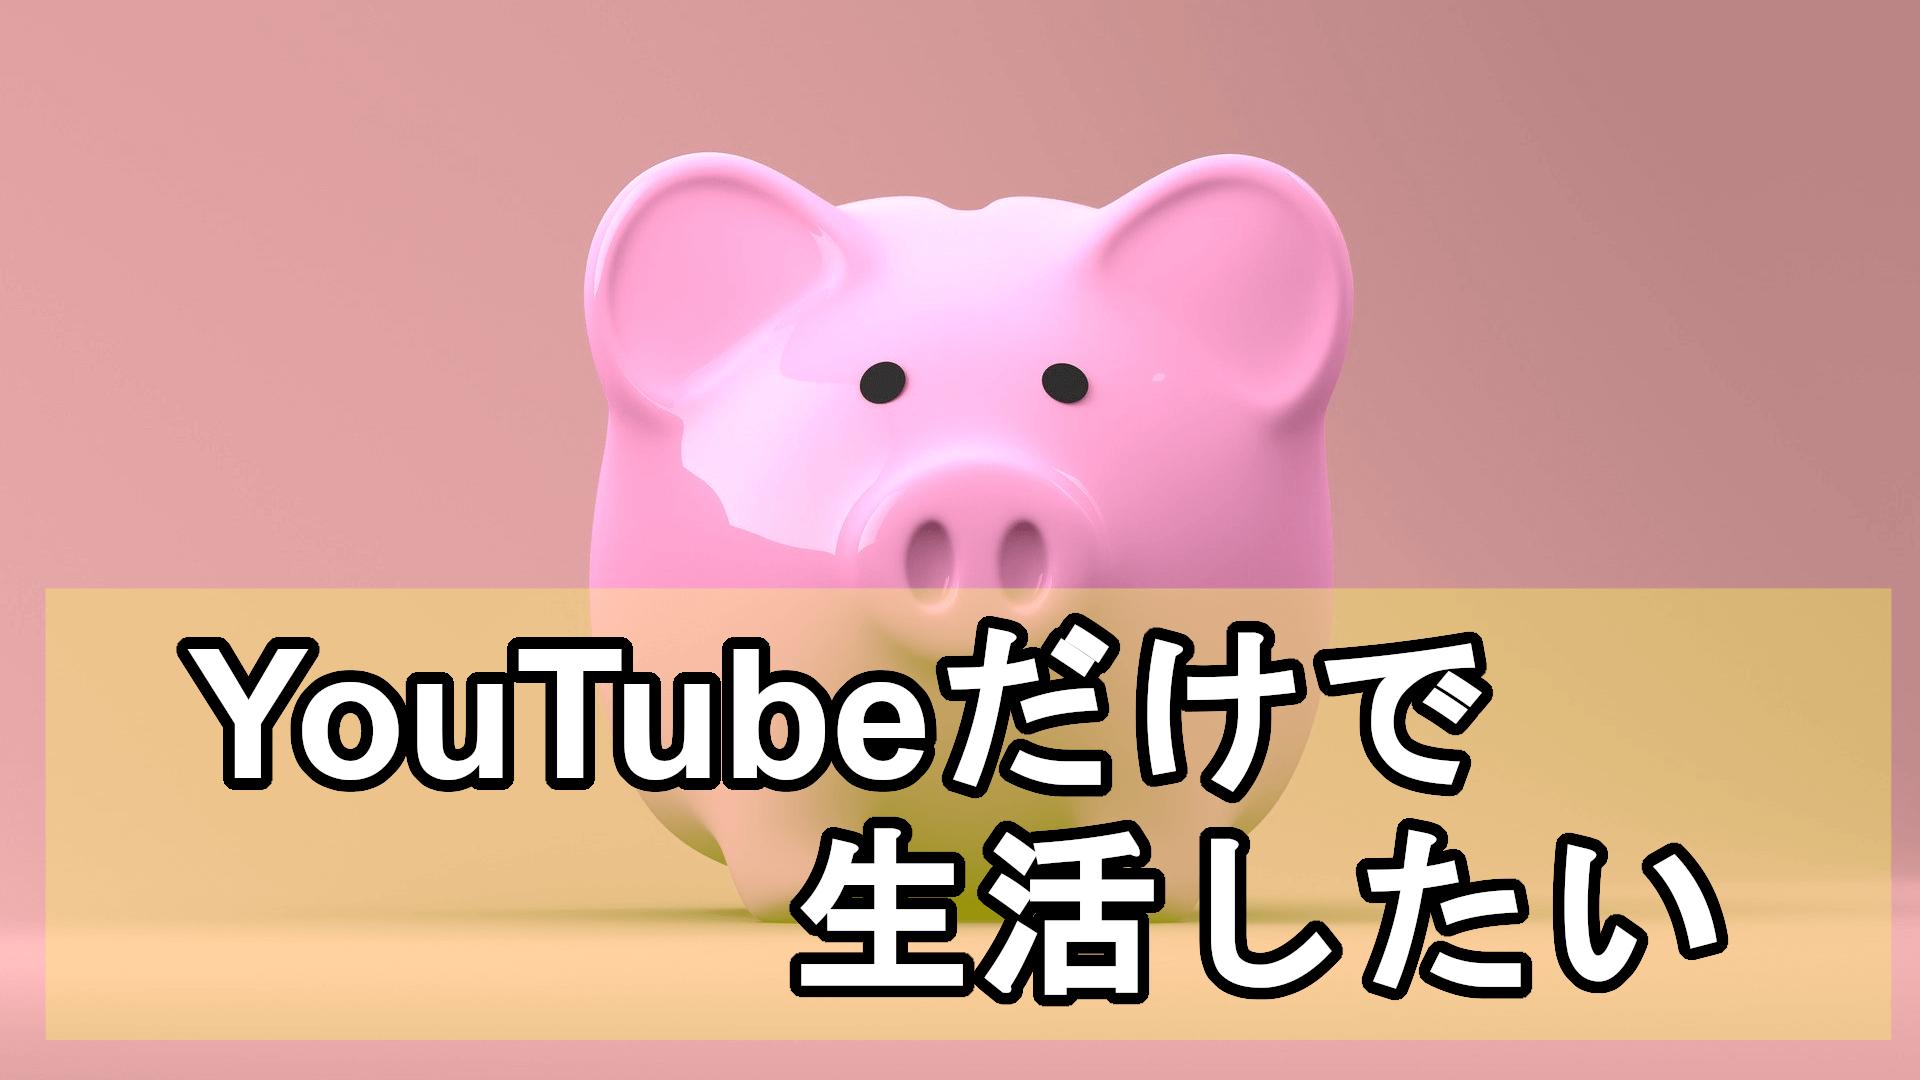 YouTubeはどれくらい稼げる?